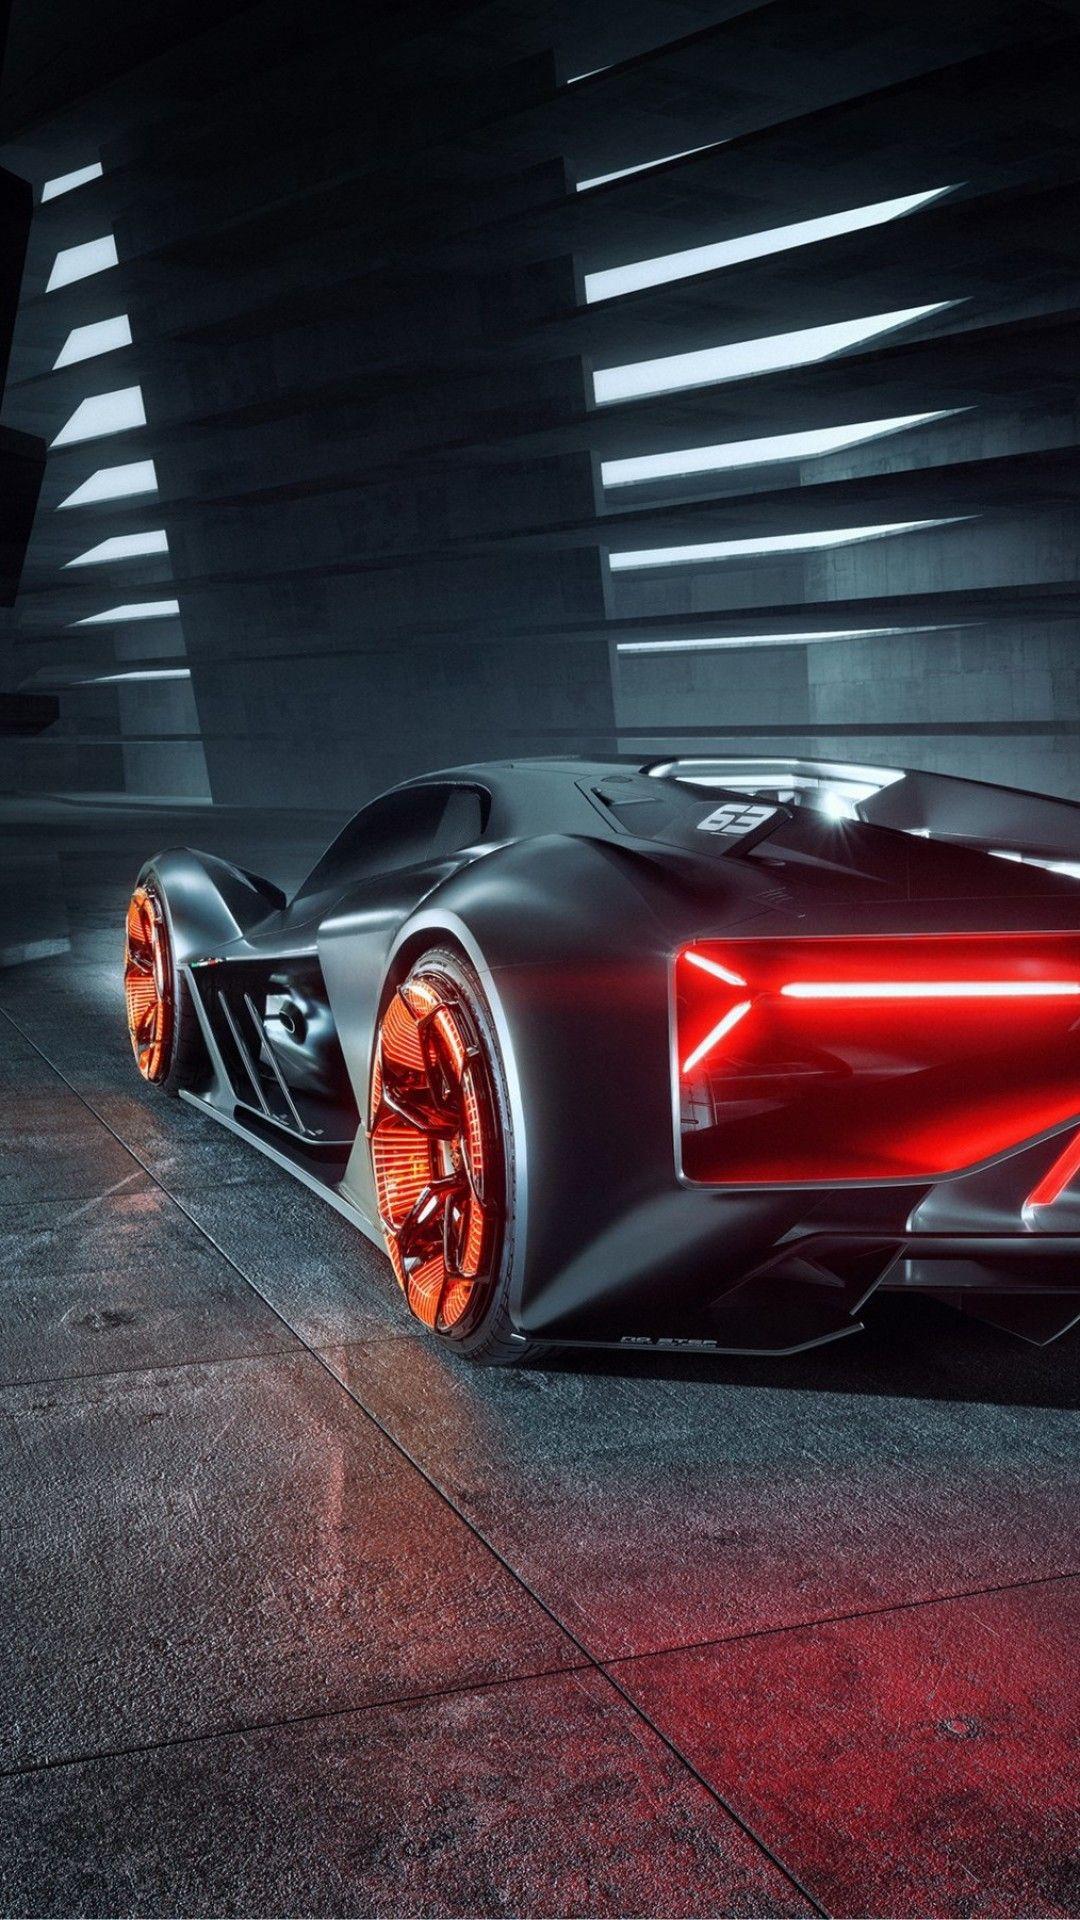 Lamborghini Terzo Millennio 2019 Rear View Car Mobile Wallpaper Iphone Android Samsung Pi In 2020 Car Wallpaper For Mobile Sports Car Wallpaper Bmw Wallpapers